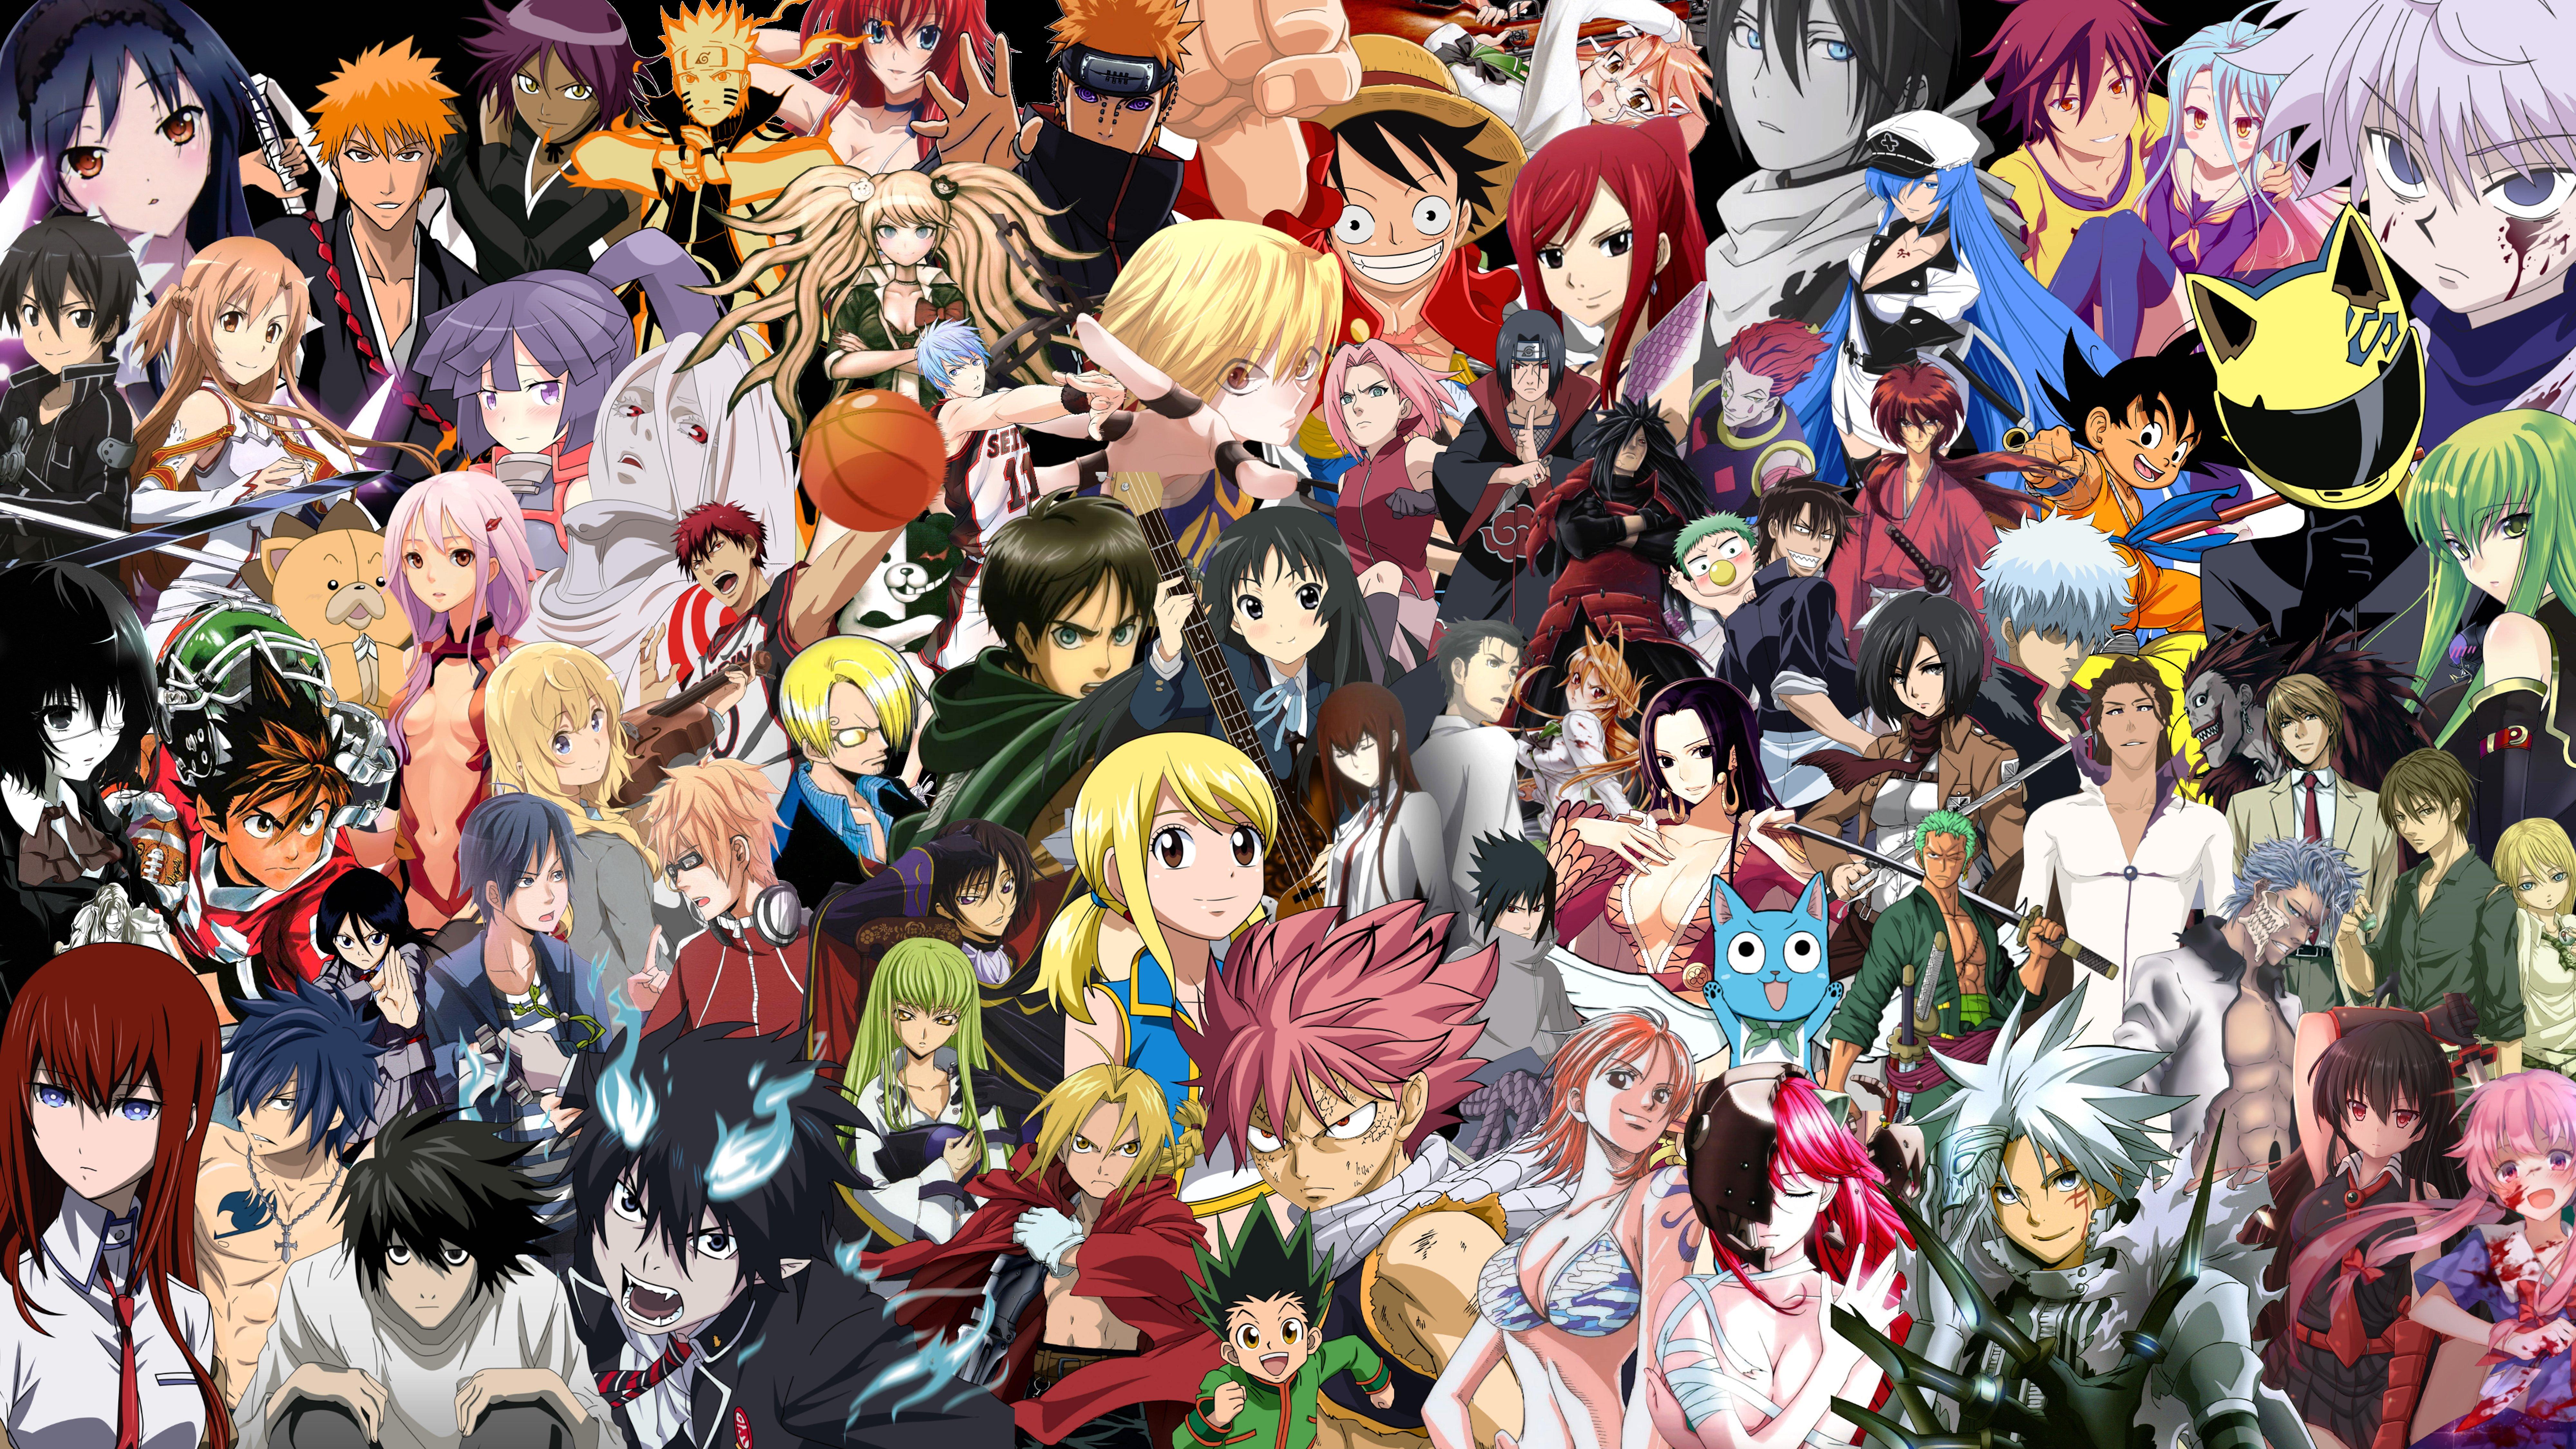 Fondos de pantalla Anime Mix